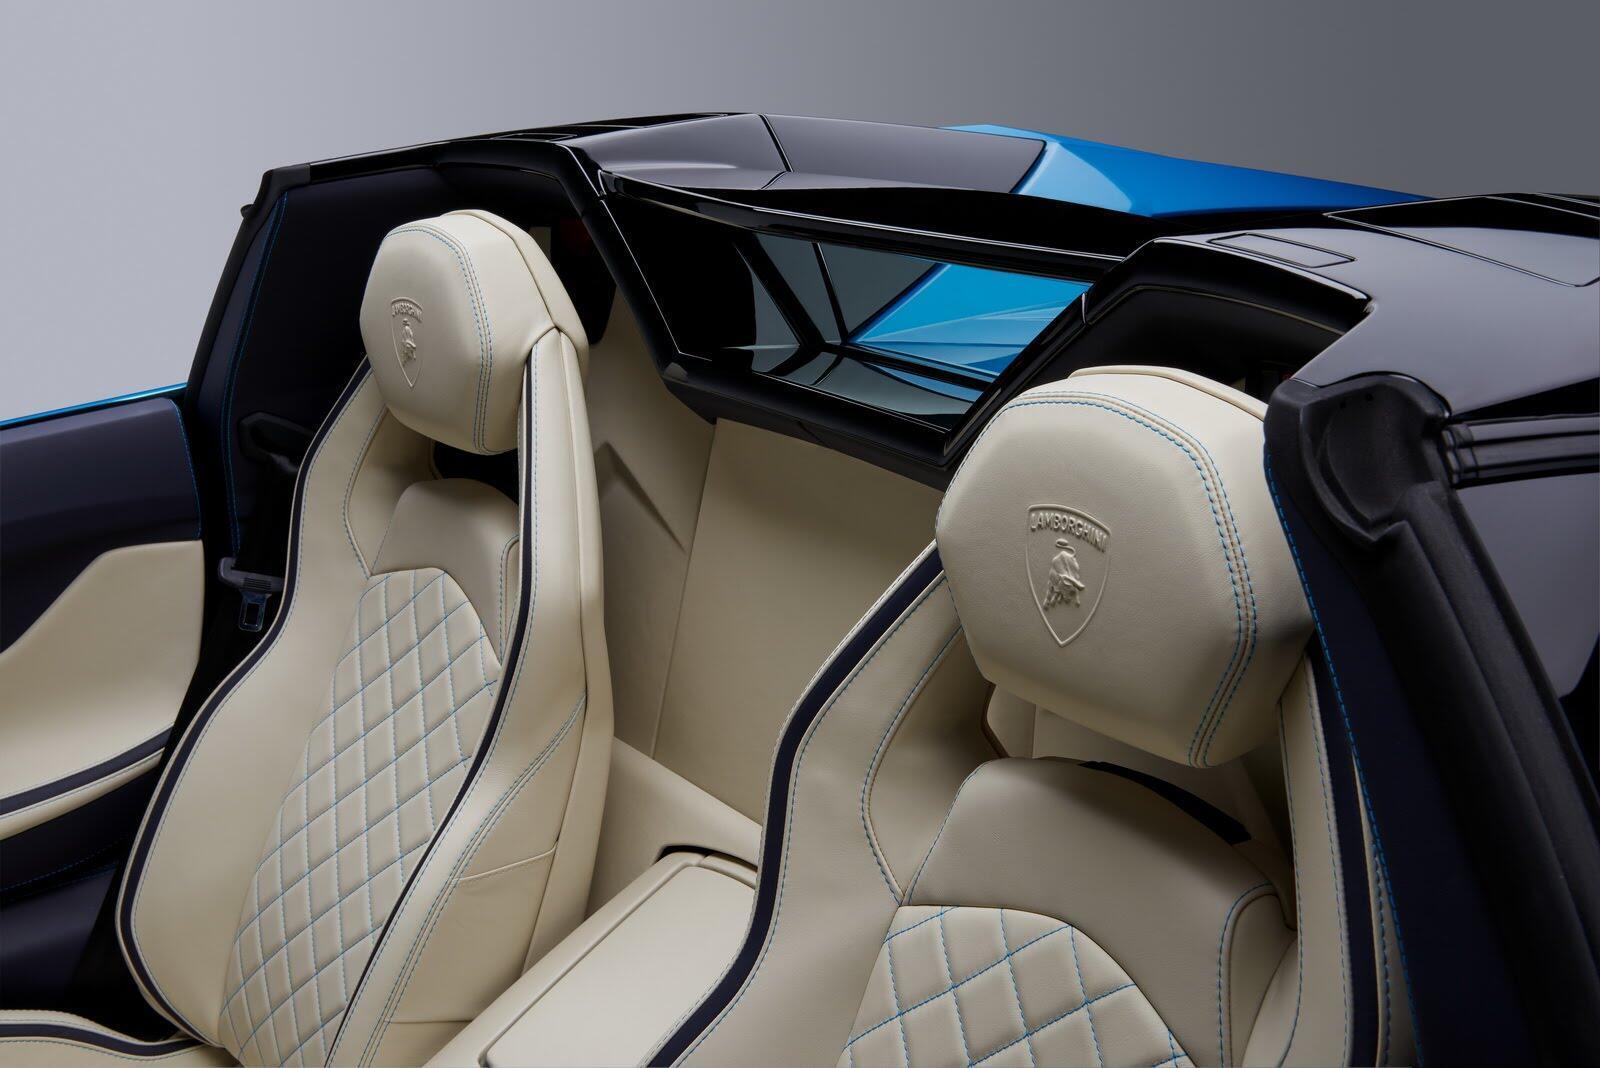 Siêu xe Lamborghini Aventador S Roadster chính thức trình làng - Hình 8